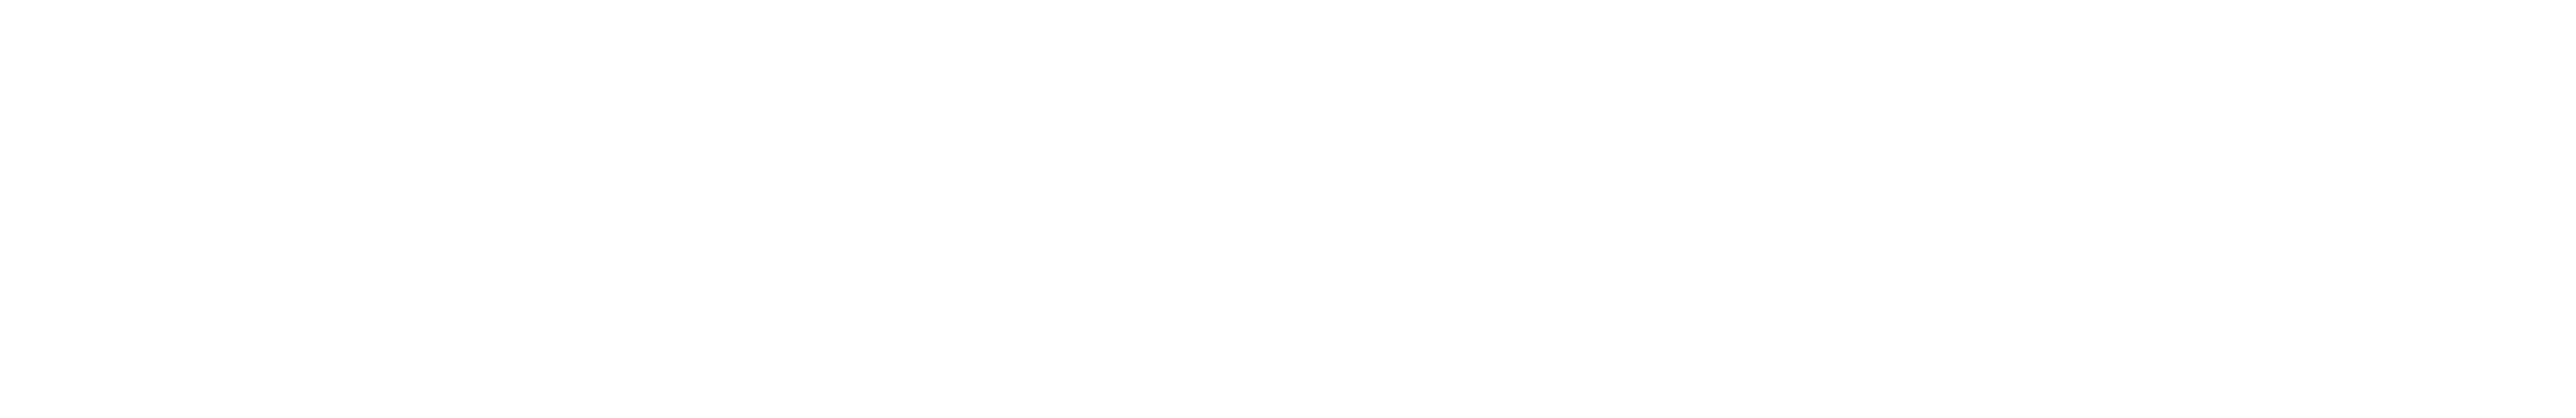 dotbrand dotbrands neustar logo